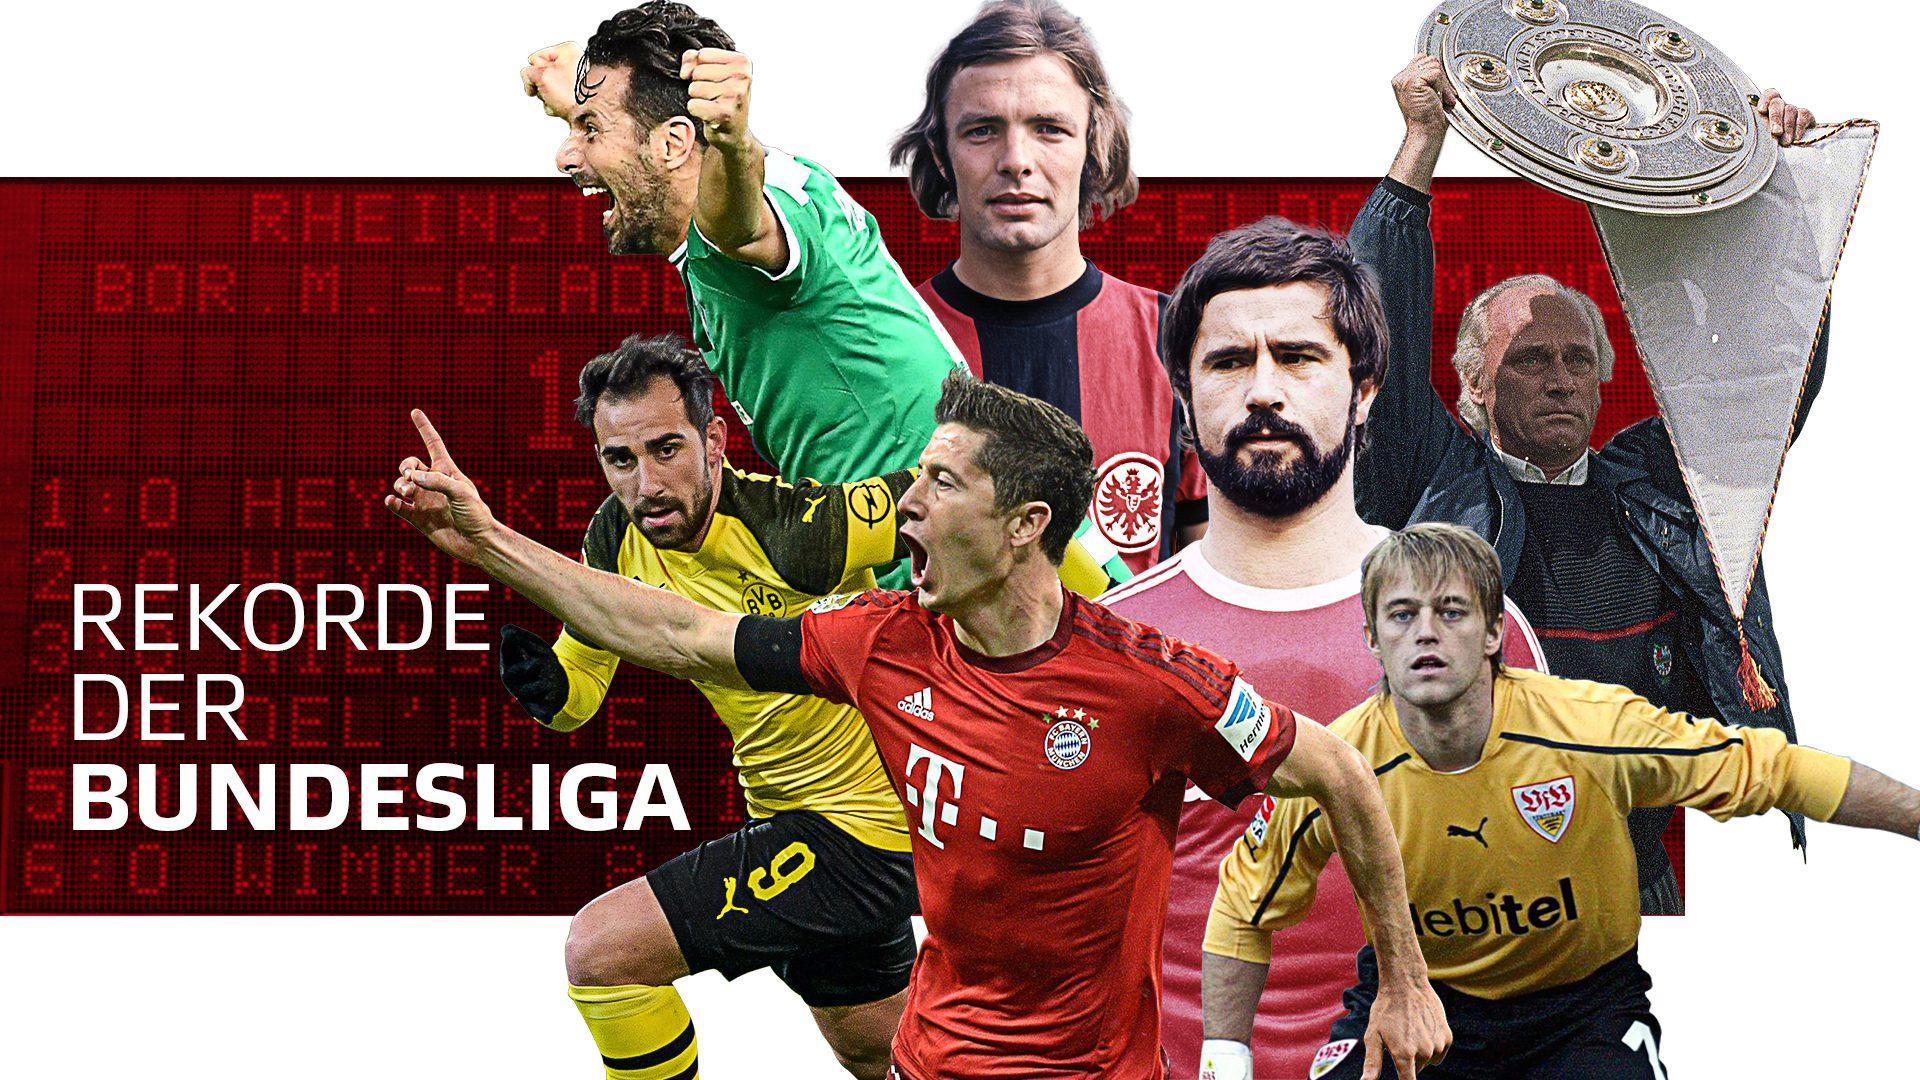 Meiste Bundesliga Tore